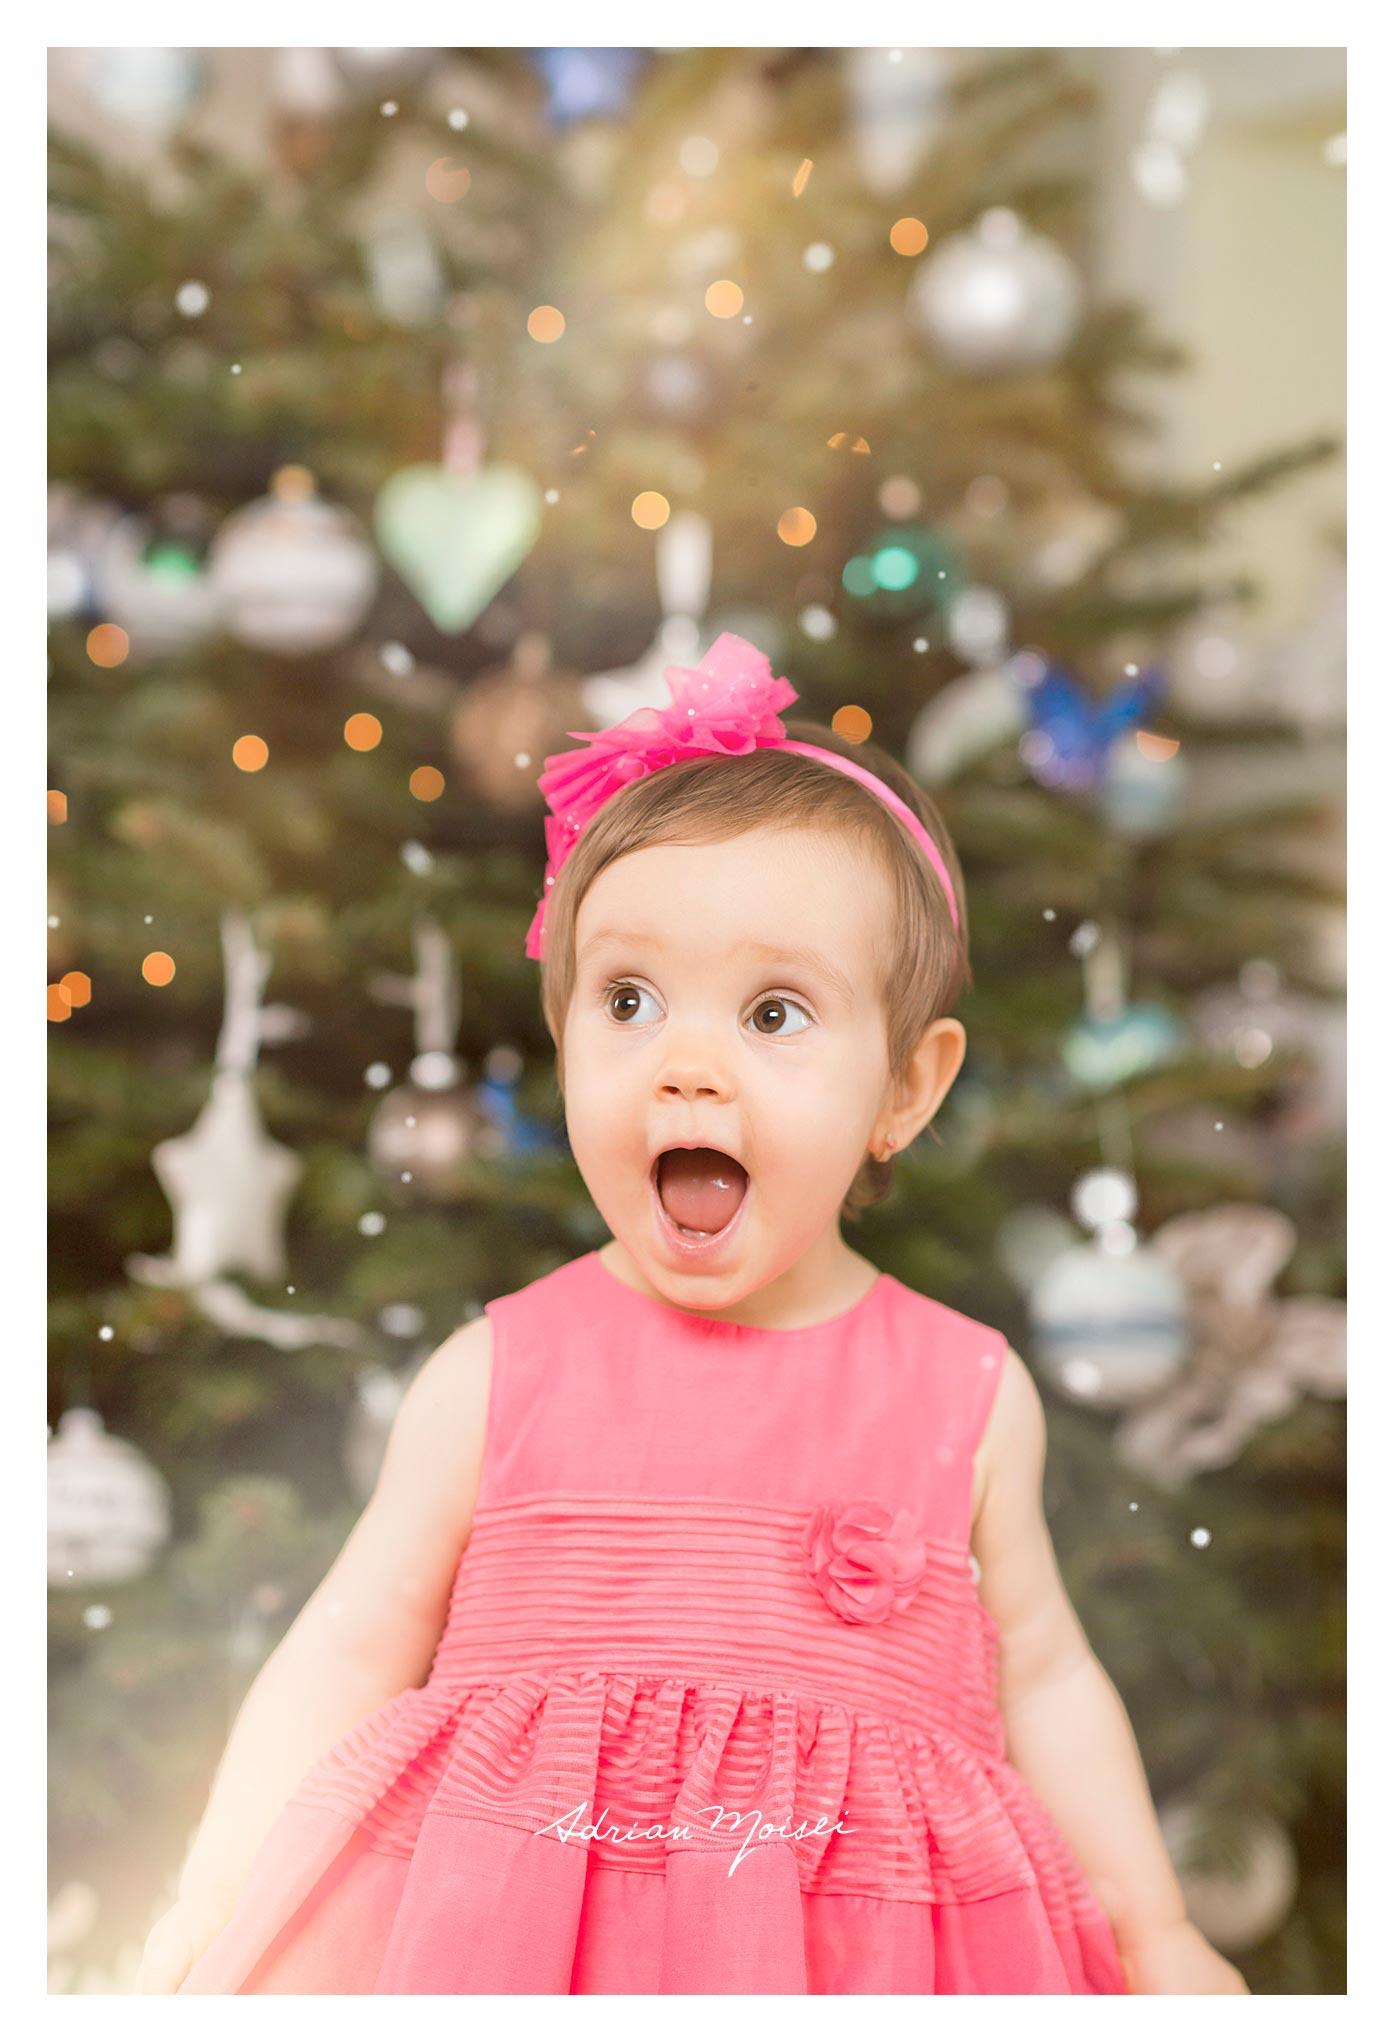 Fotograf de familie Iași - Cămin calduros și-un brăduț frumos - fetiță la doi ani împreună cu părintii ei